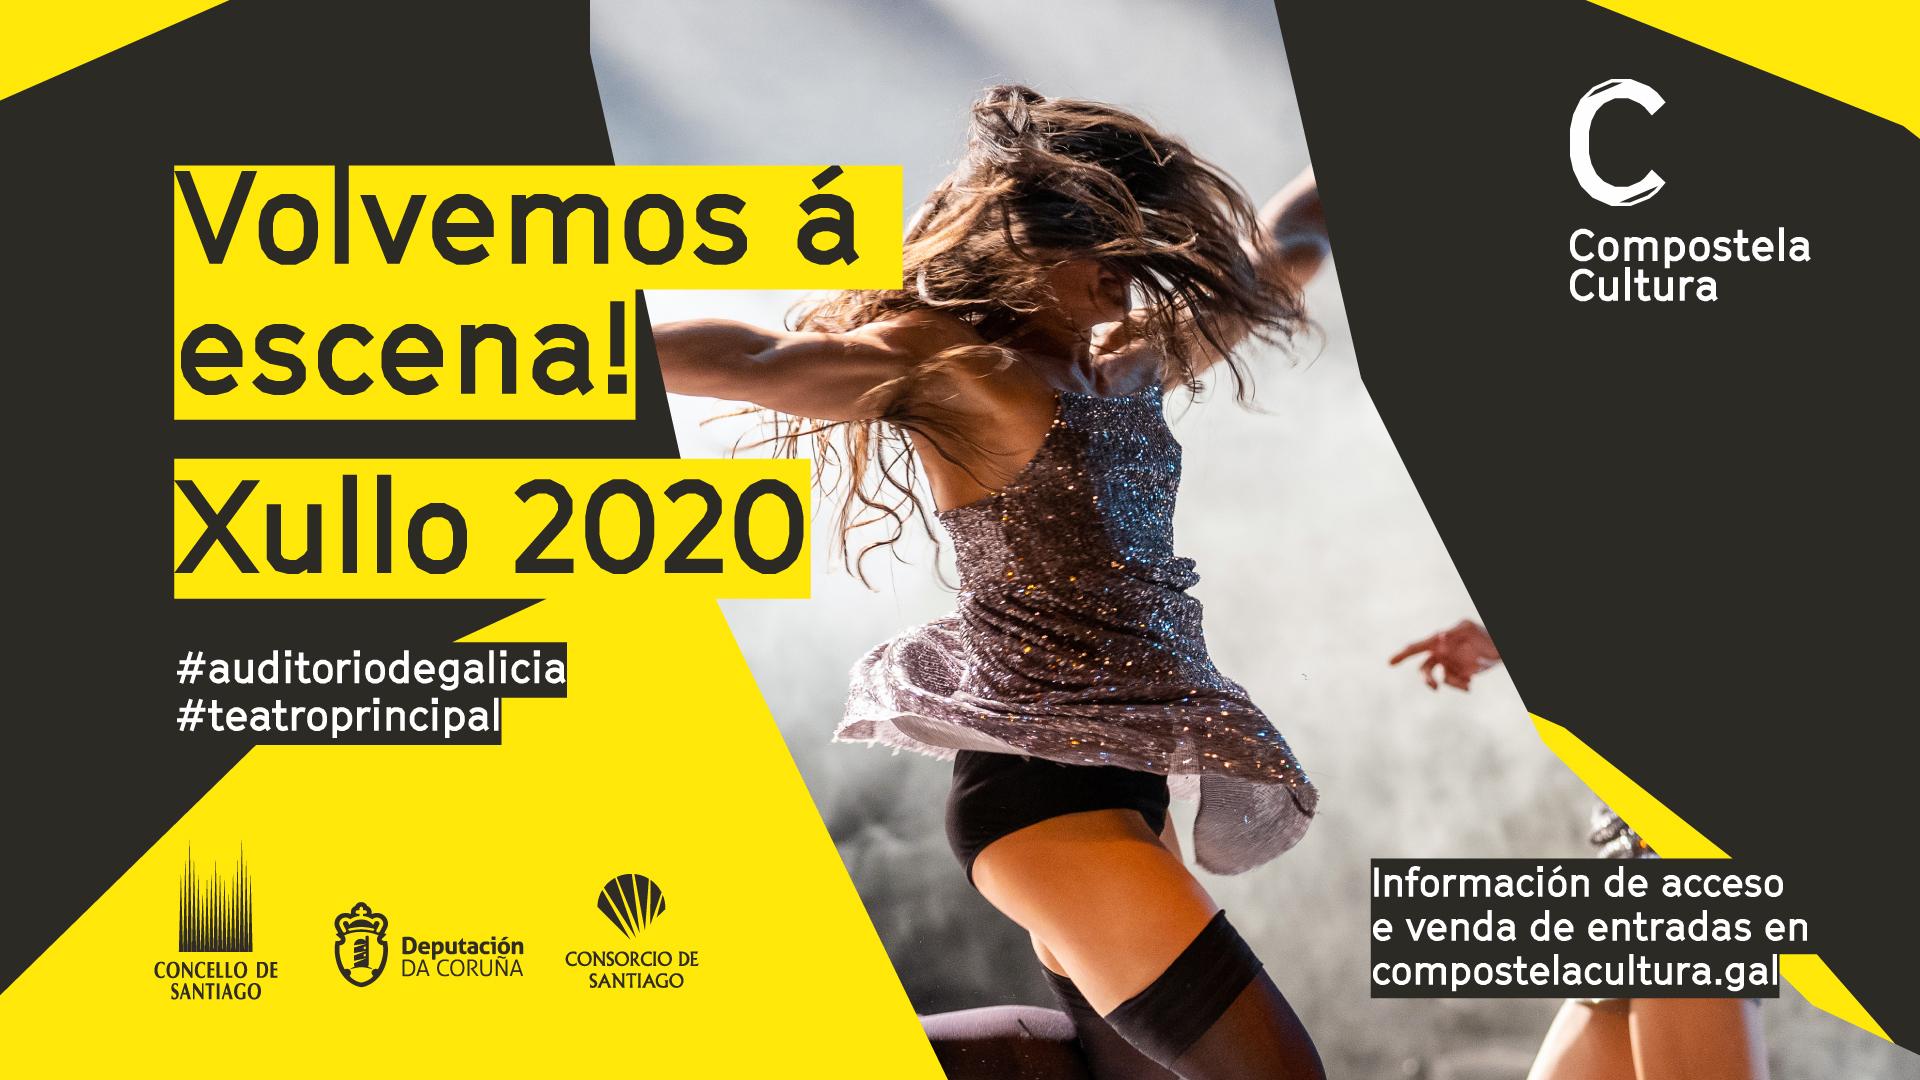 Volvemos á escena! @ Auditorio de Galicia e Teatro Principal